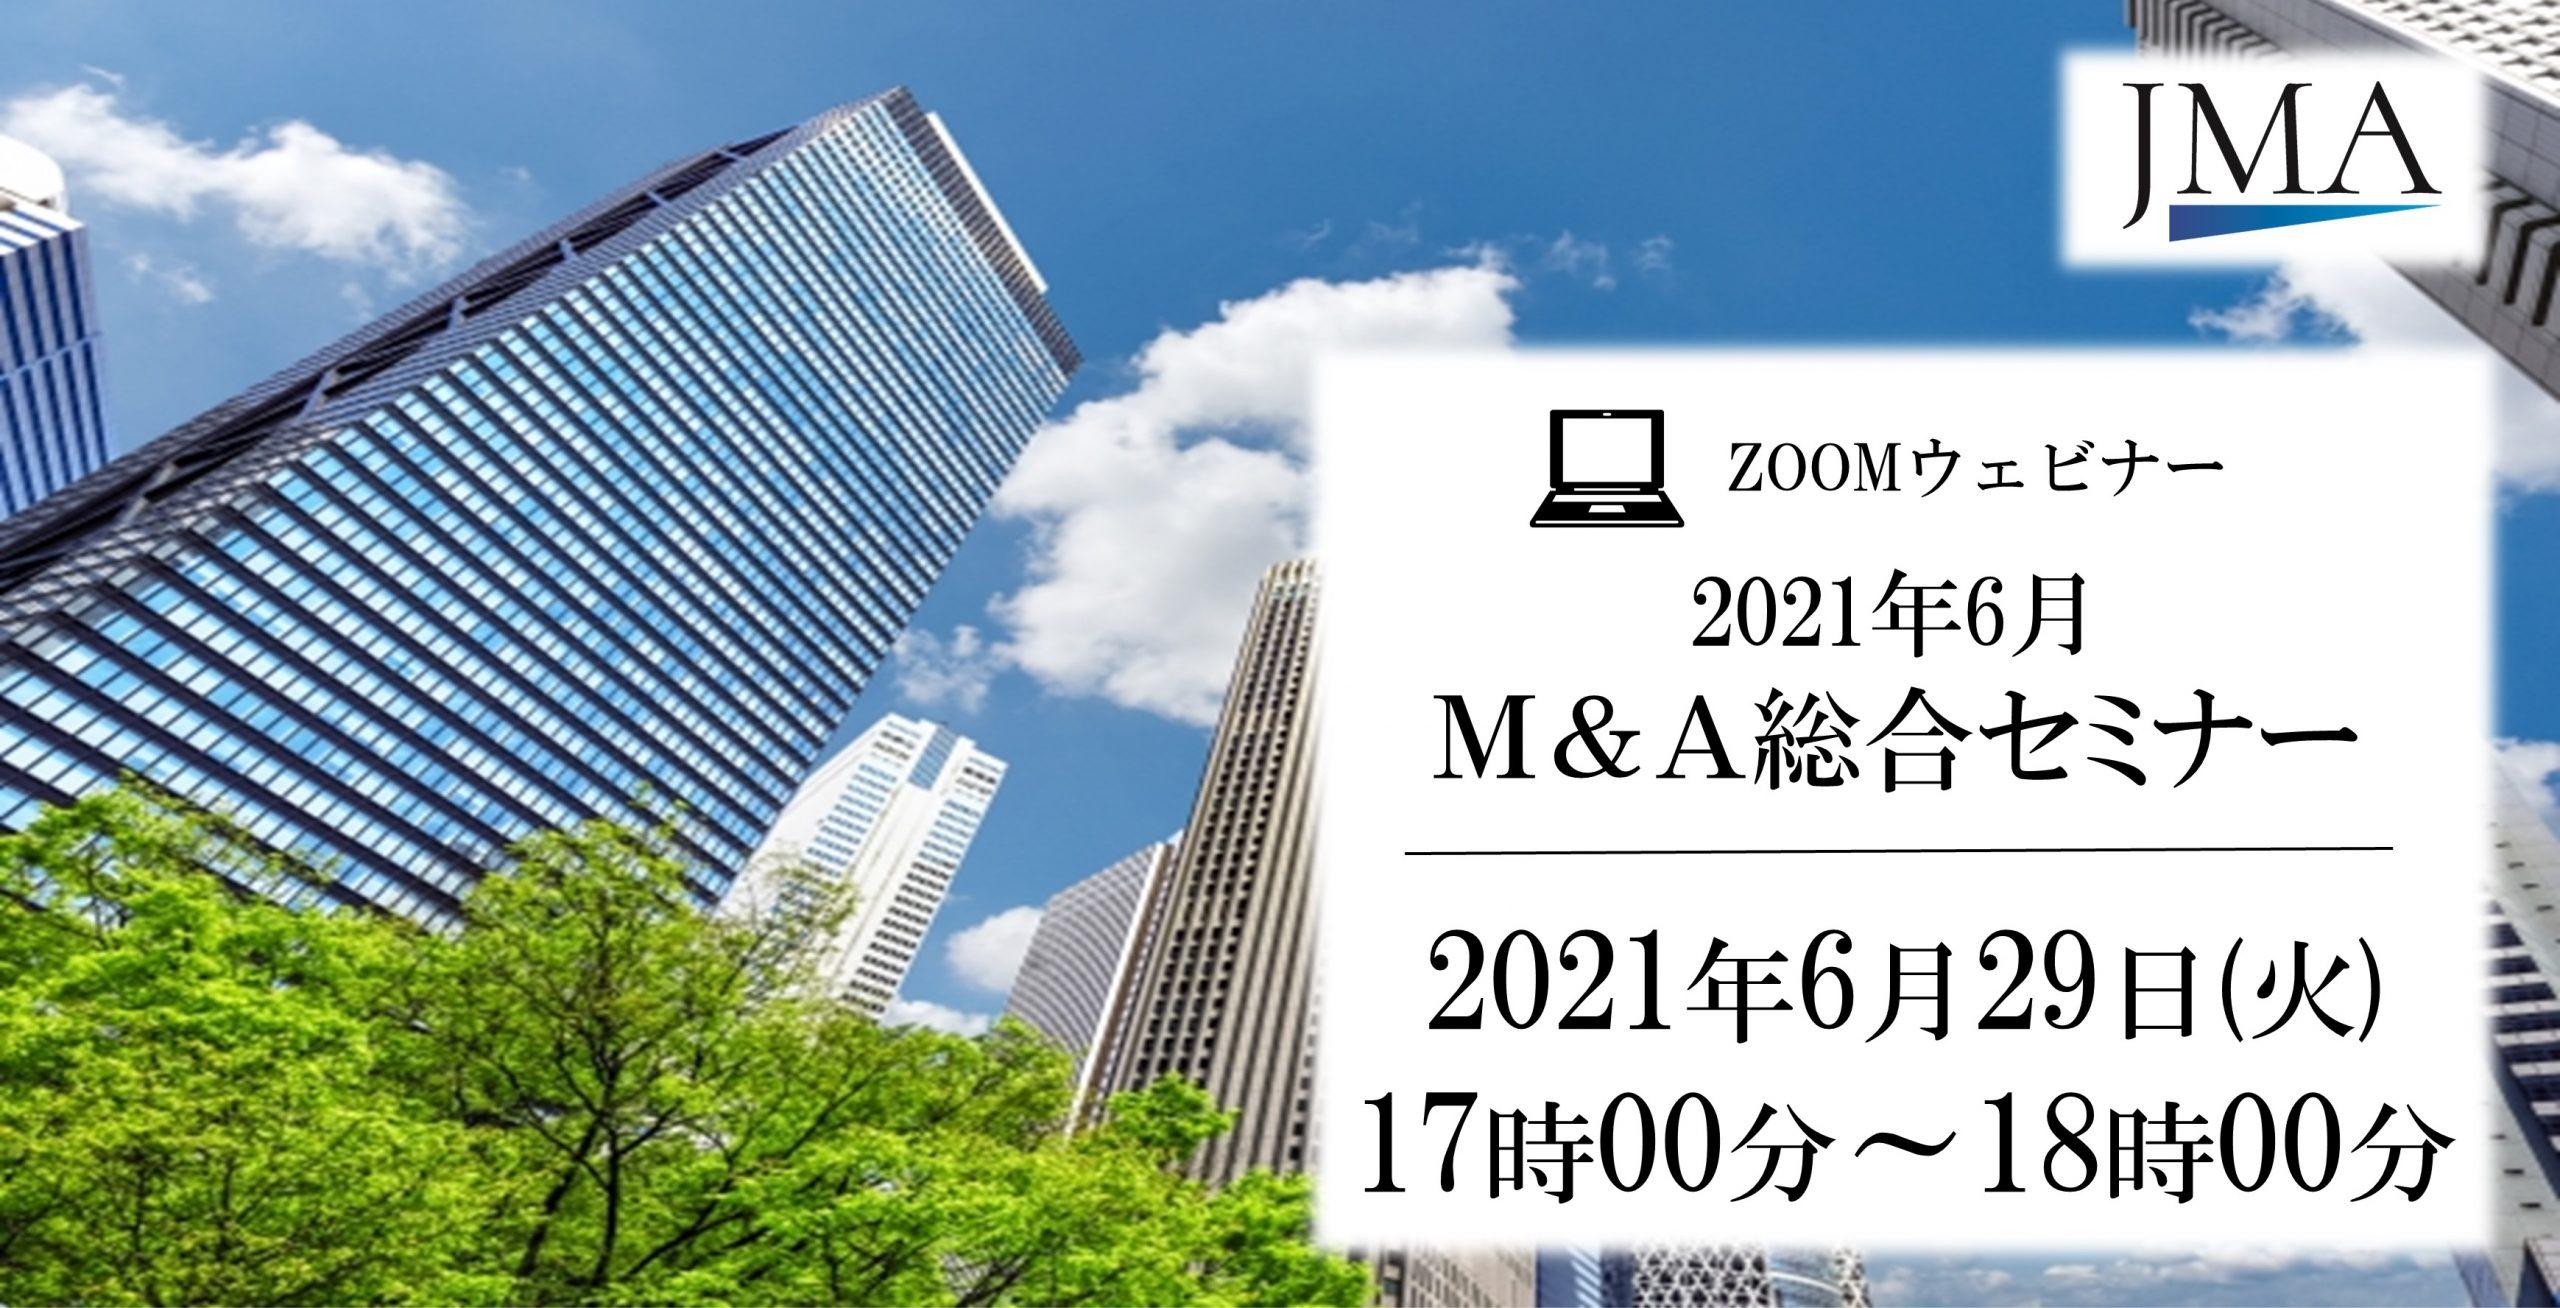 2021年6月 M&A総合セミナー「中小企業M&A~成功するポイント」